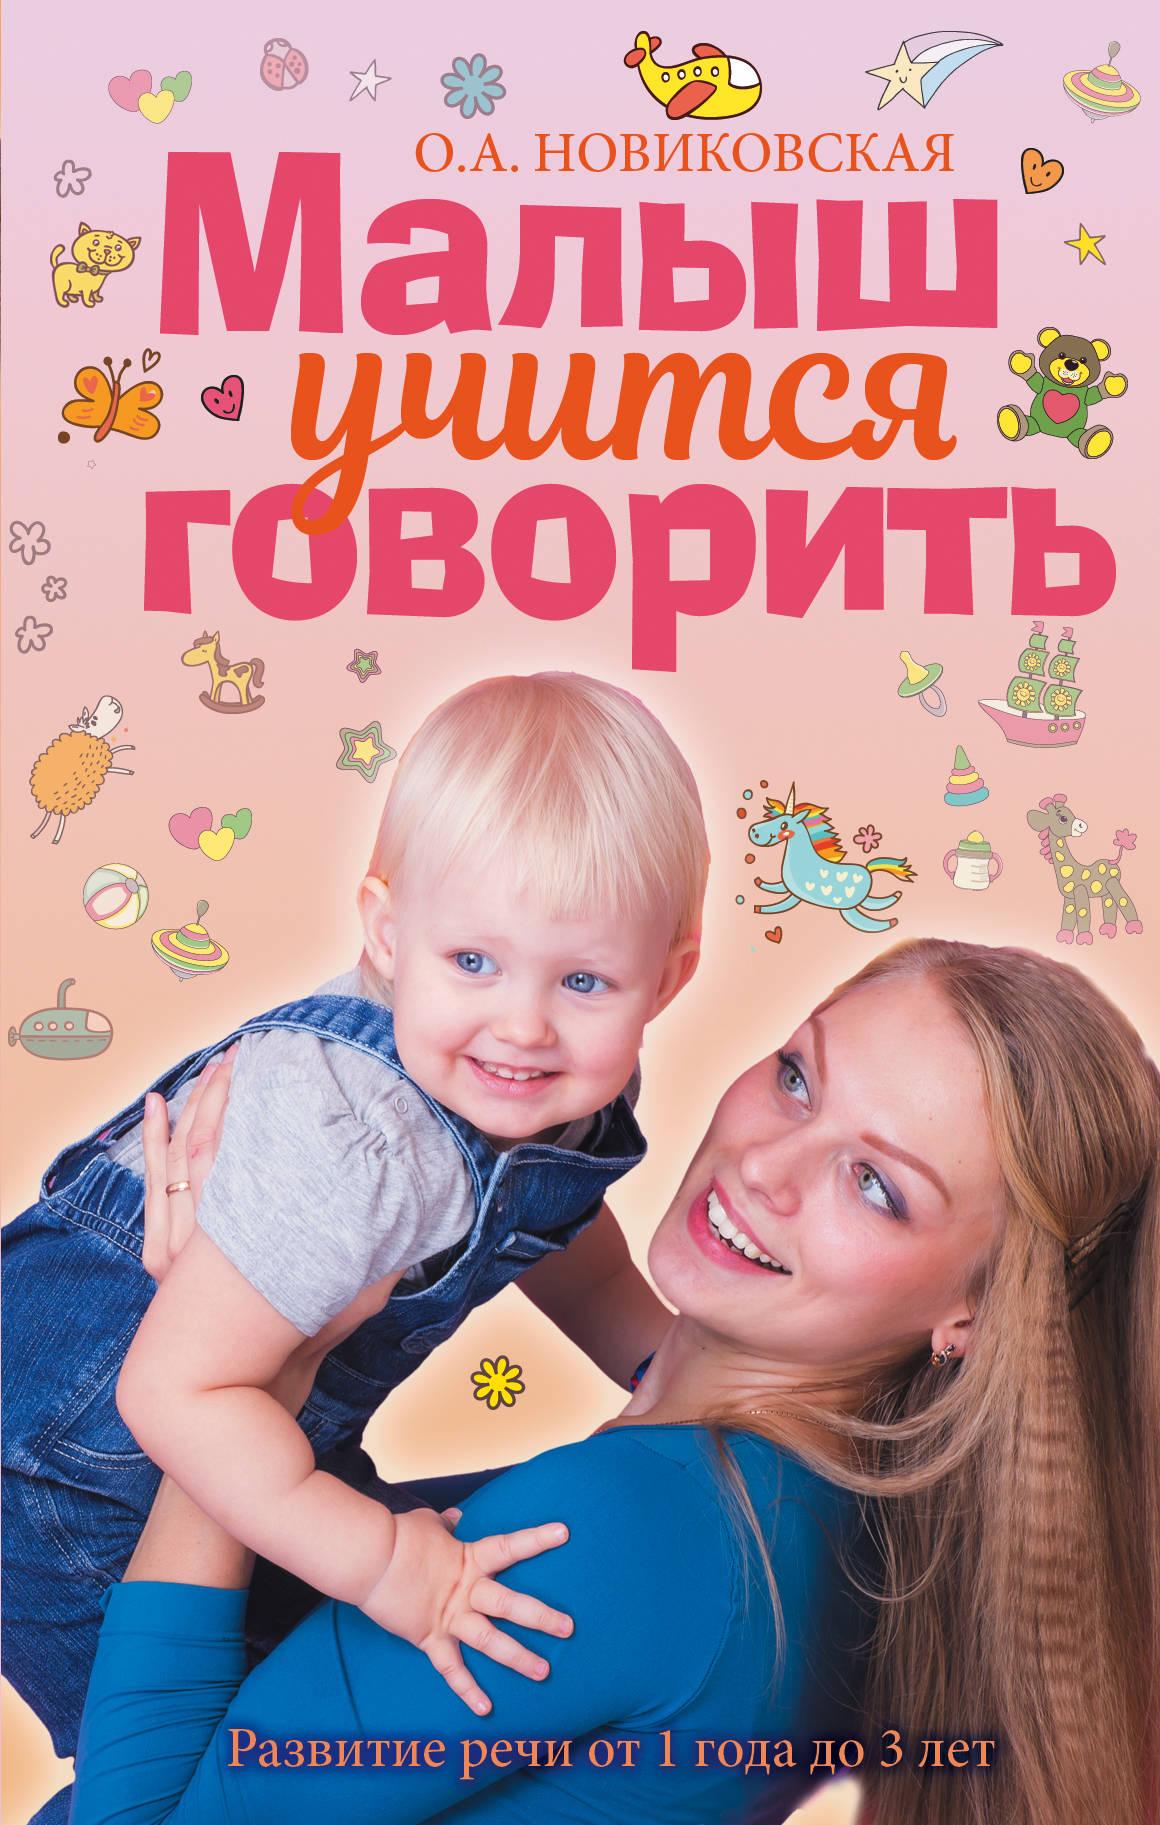 Фото - О. А. Новиковская Малыш учится говорить. Развитие речи 1-3 лет о а новиковская считаем до 10